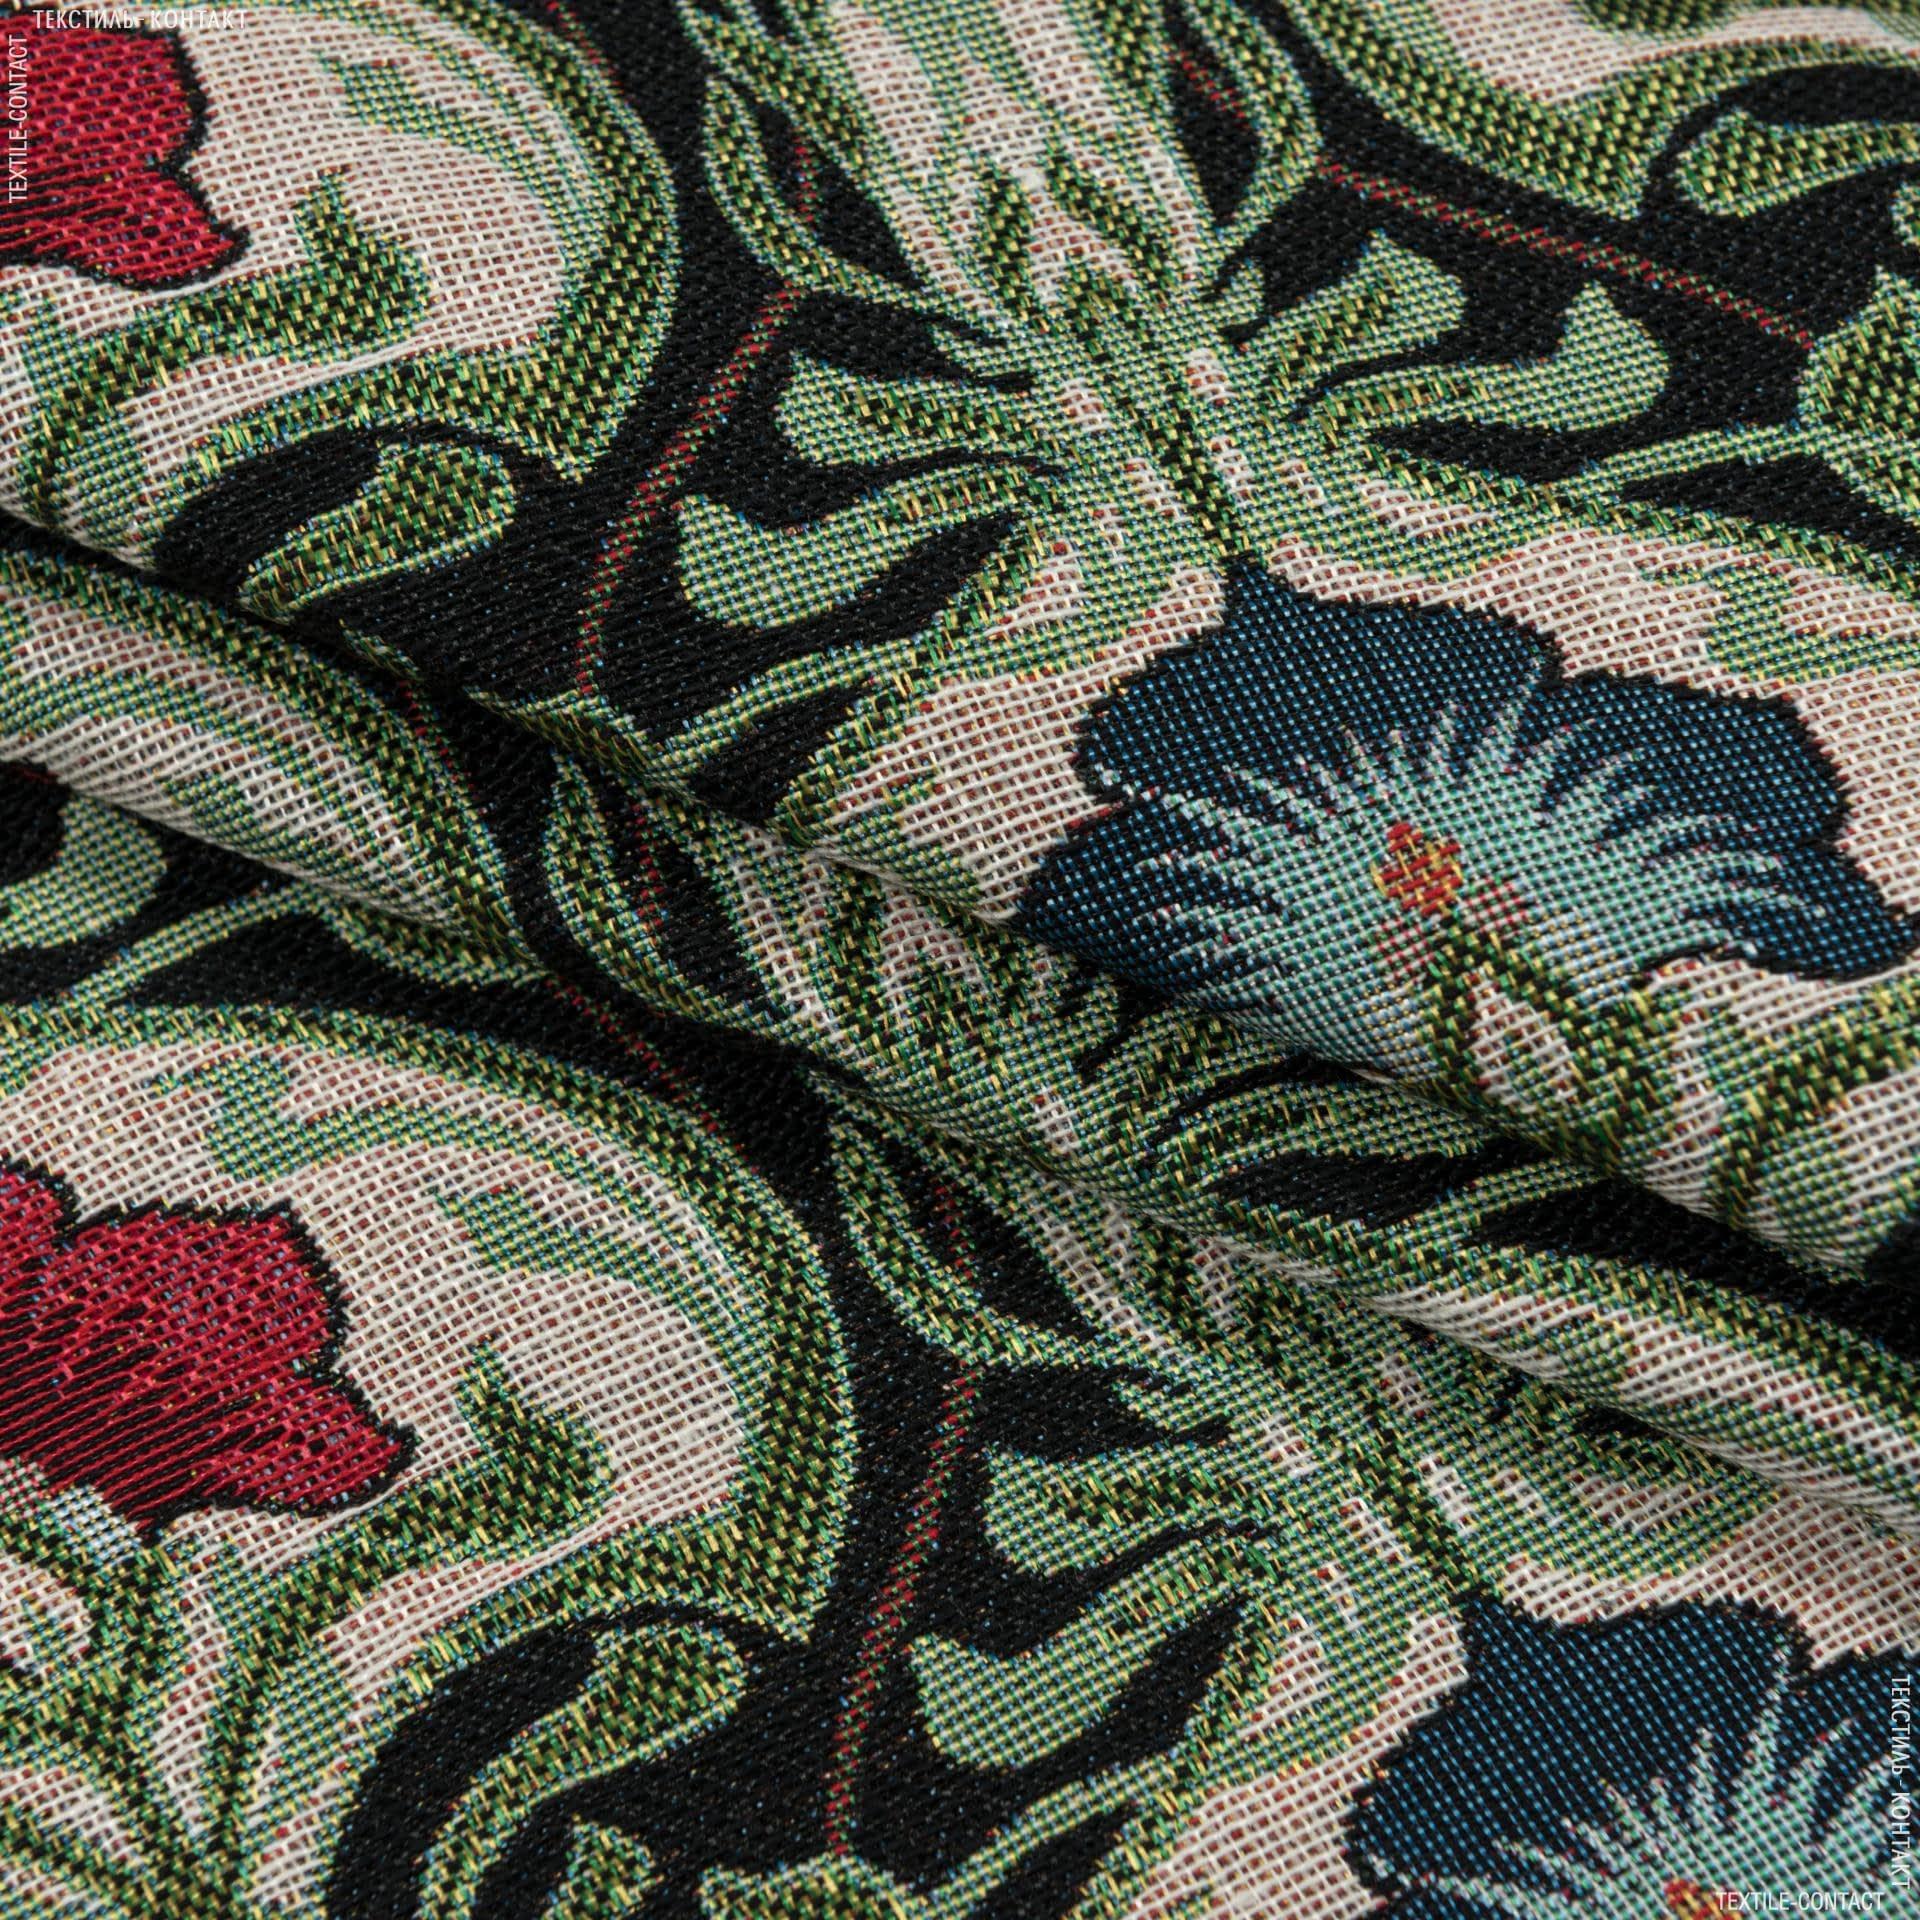 Ткани портьерные ткани - Декоративная ткань   лаутрес цветы фон черный